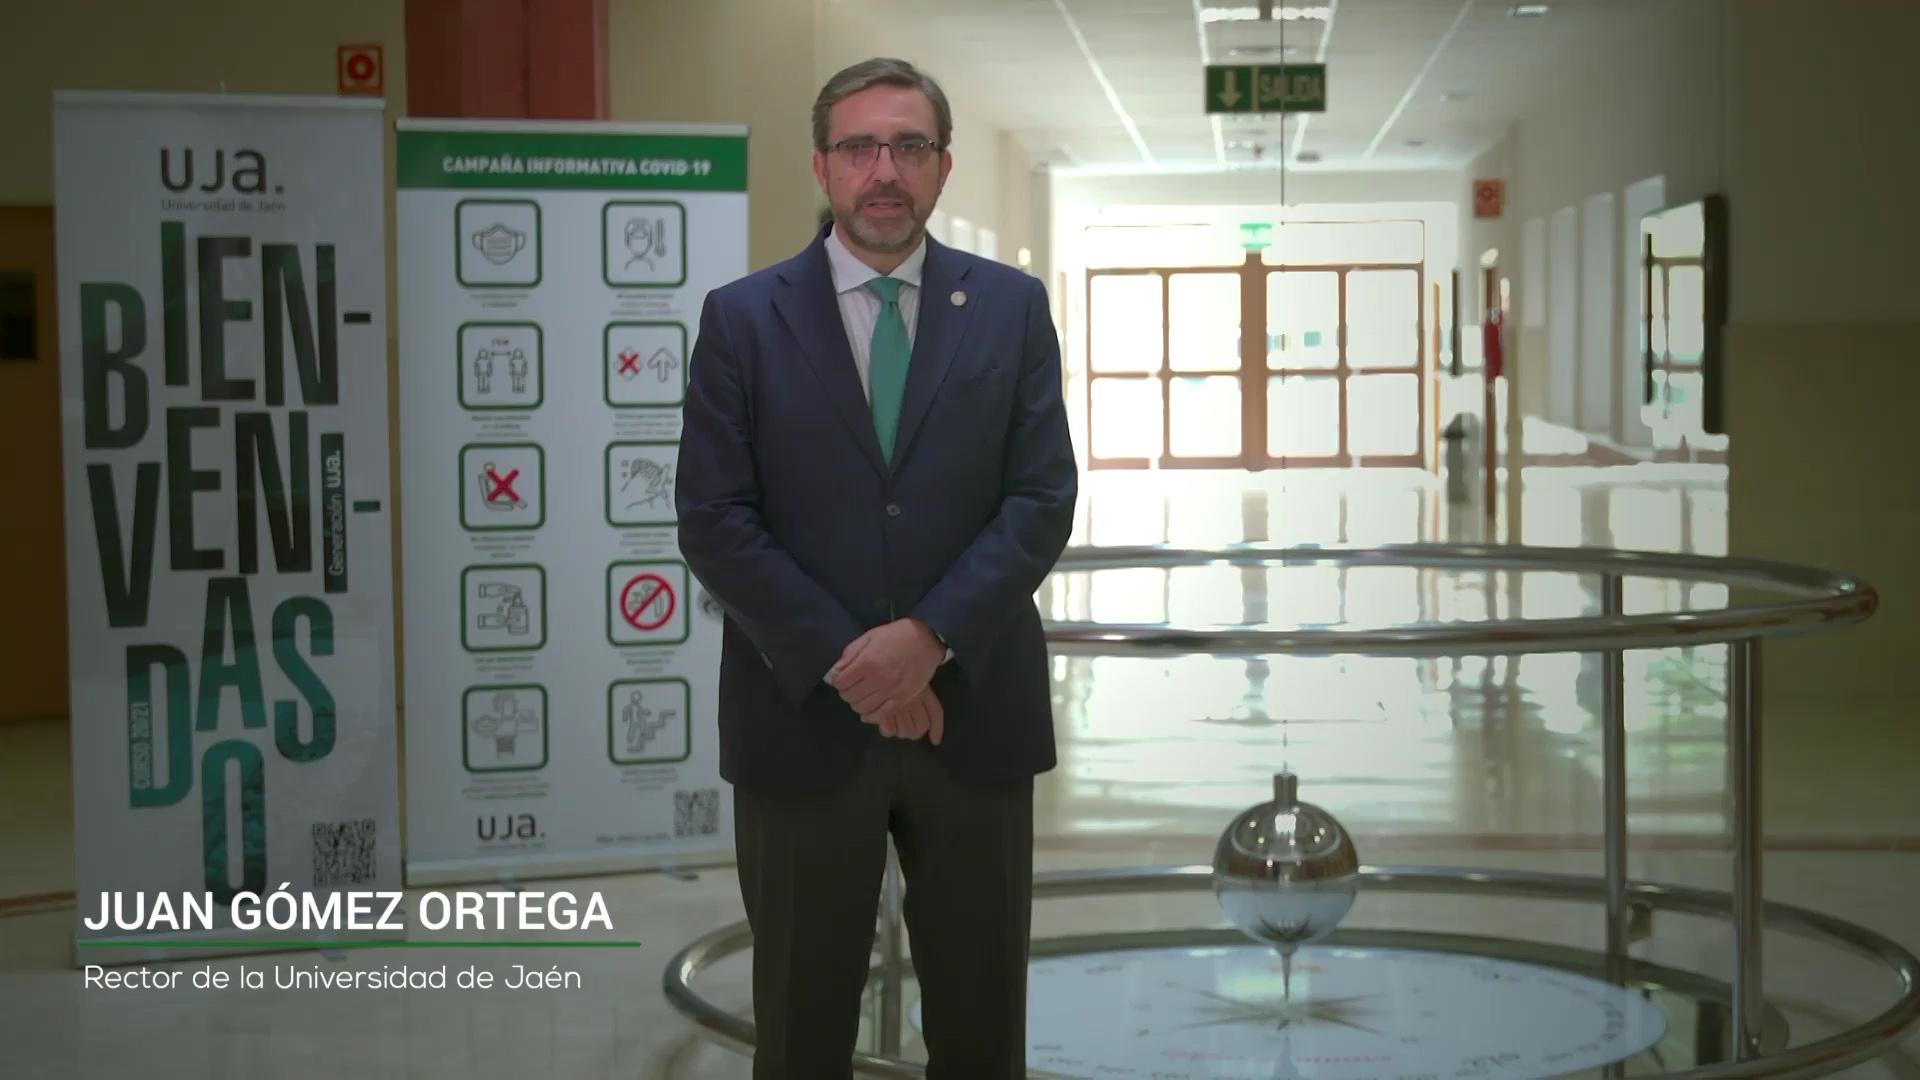 Mensaje de Bienvenida Rector de la Universidad de Jaén